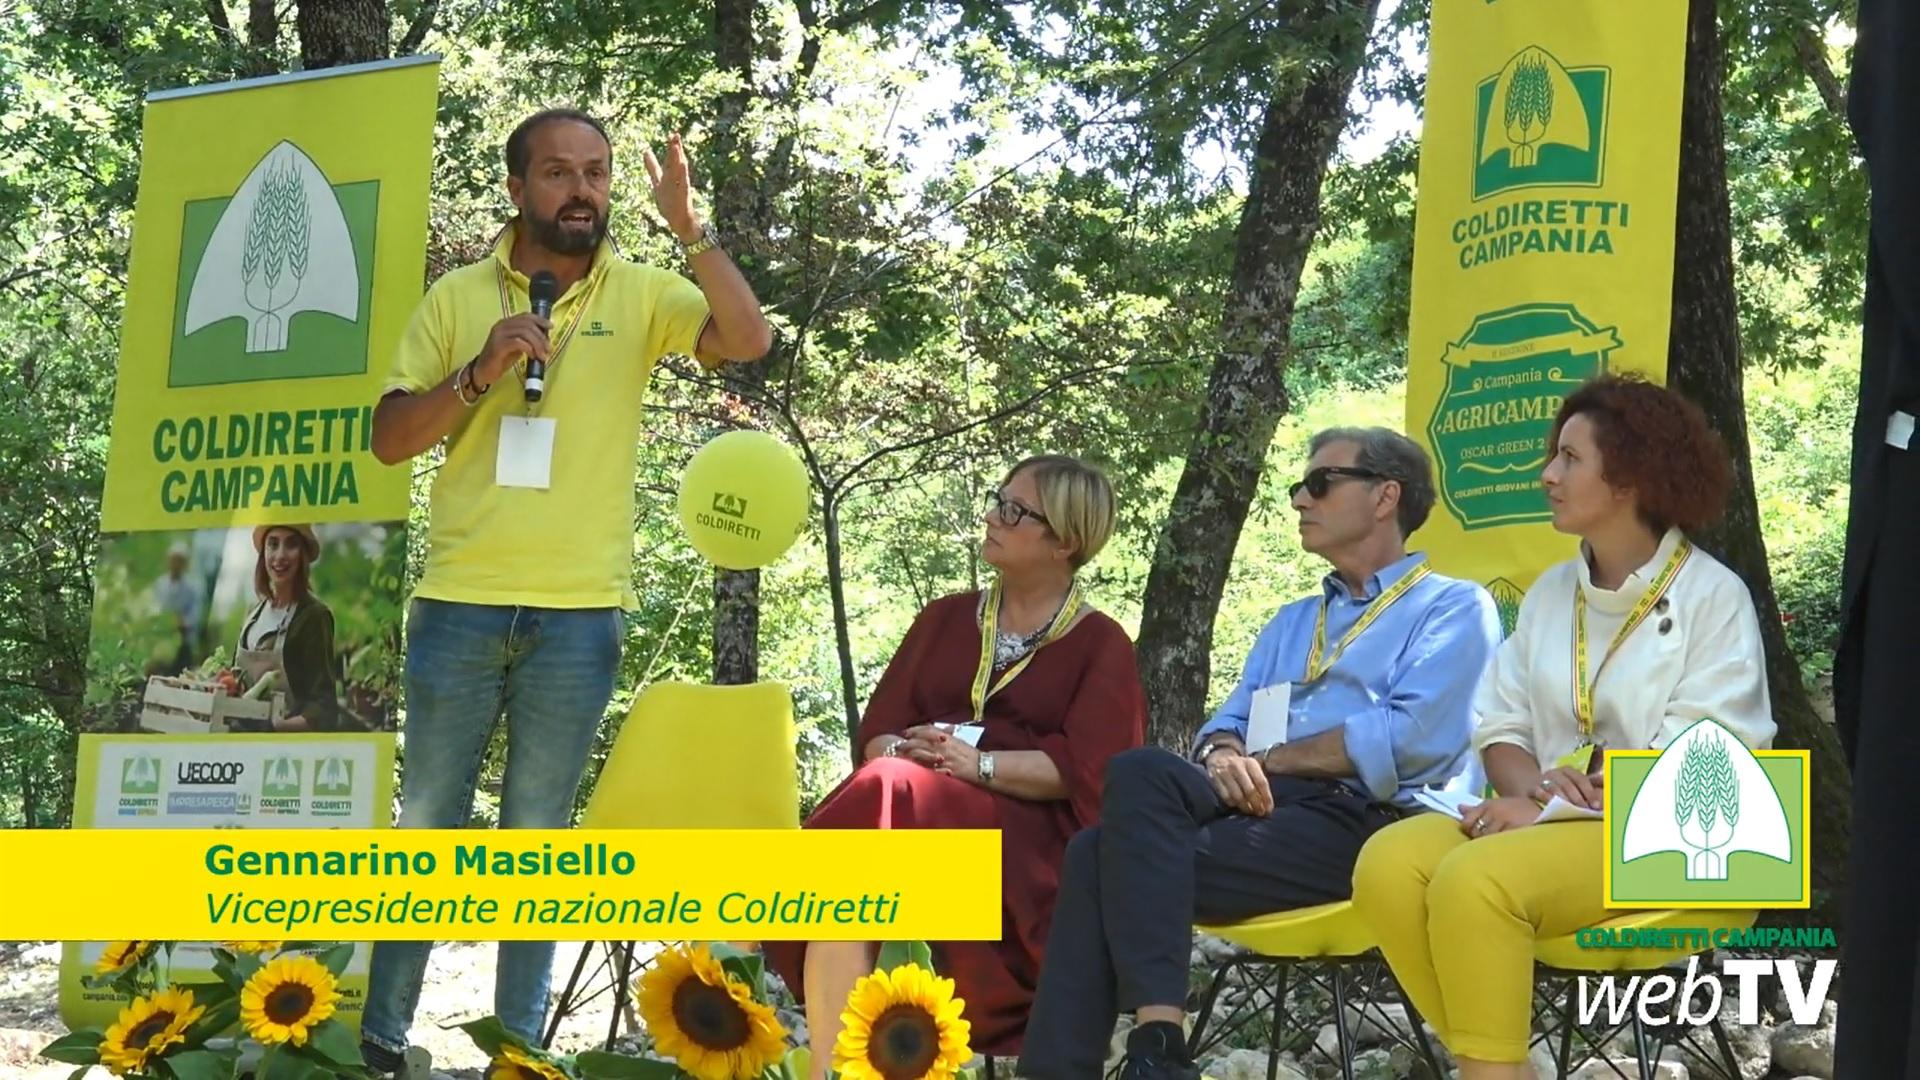 """Manutenzione territorio, Coldiretti: """"Al via primo bando per agricoltori"""". Comune di Apice apre modello per strade rurali e difesa da inondazioni"""